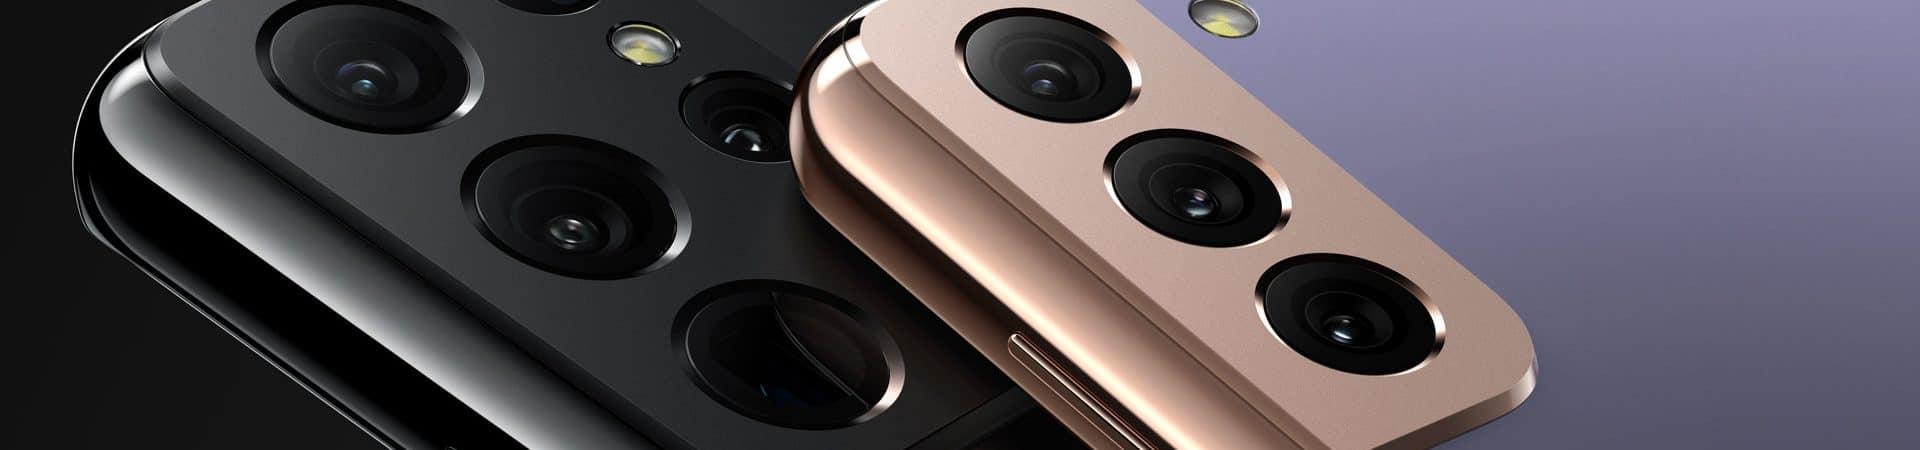 Galaxy S21 (Imagem: divulgação/Samsung)